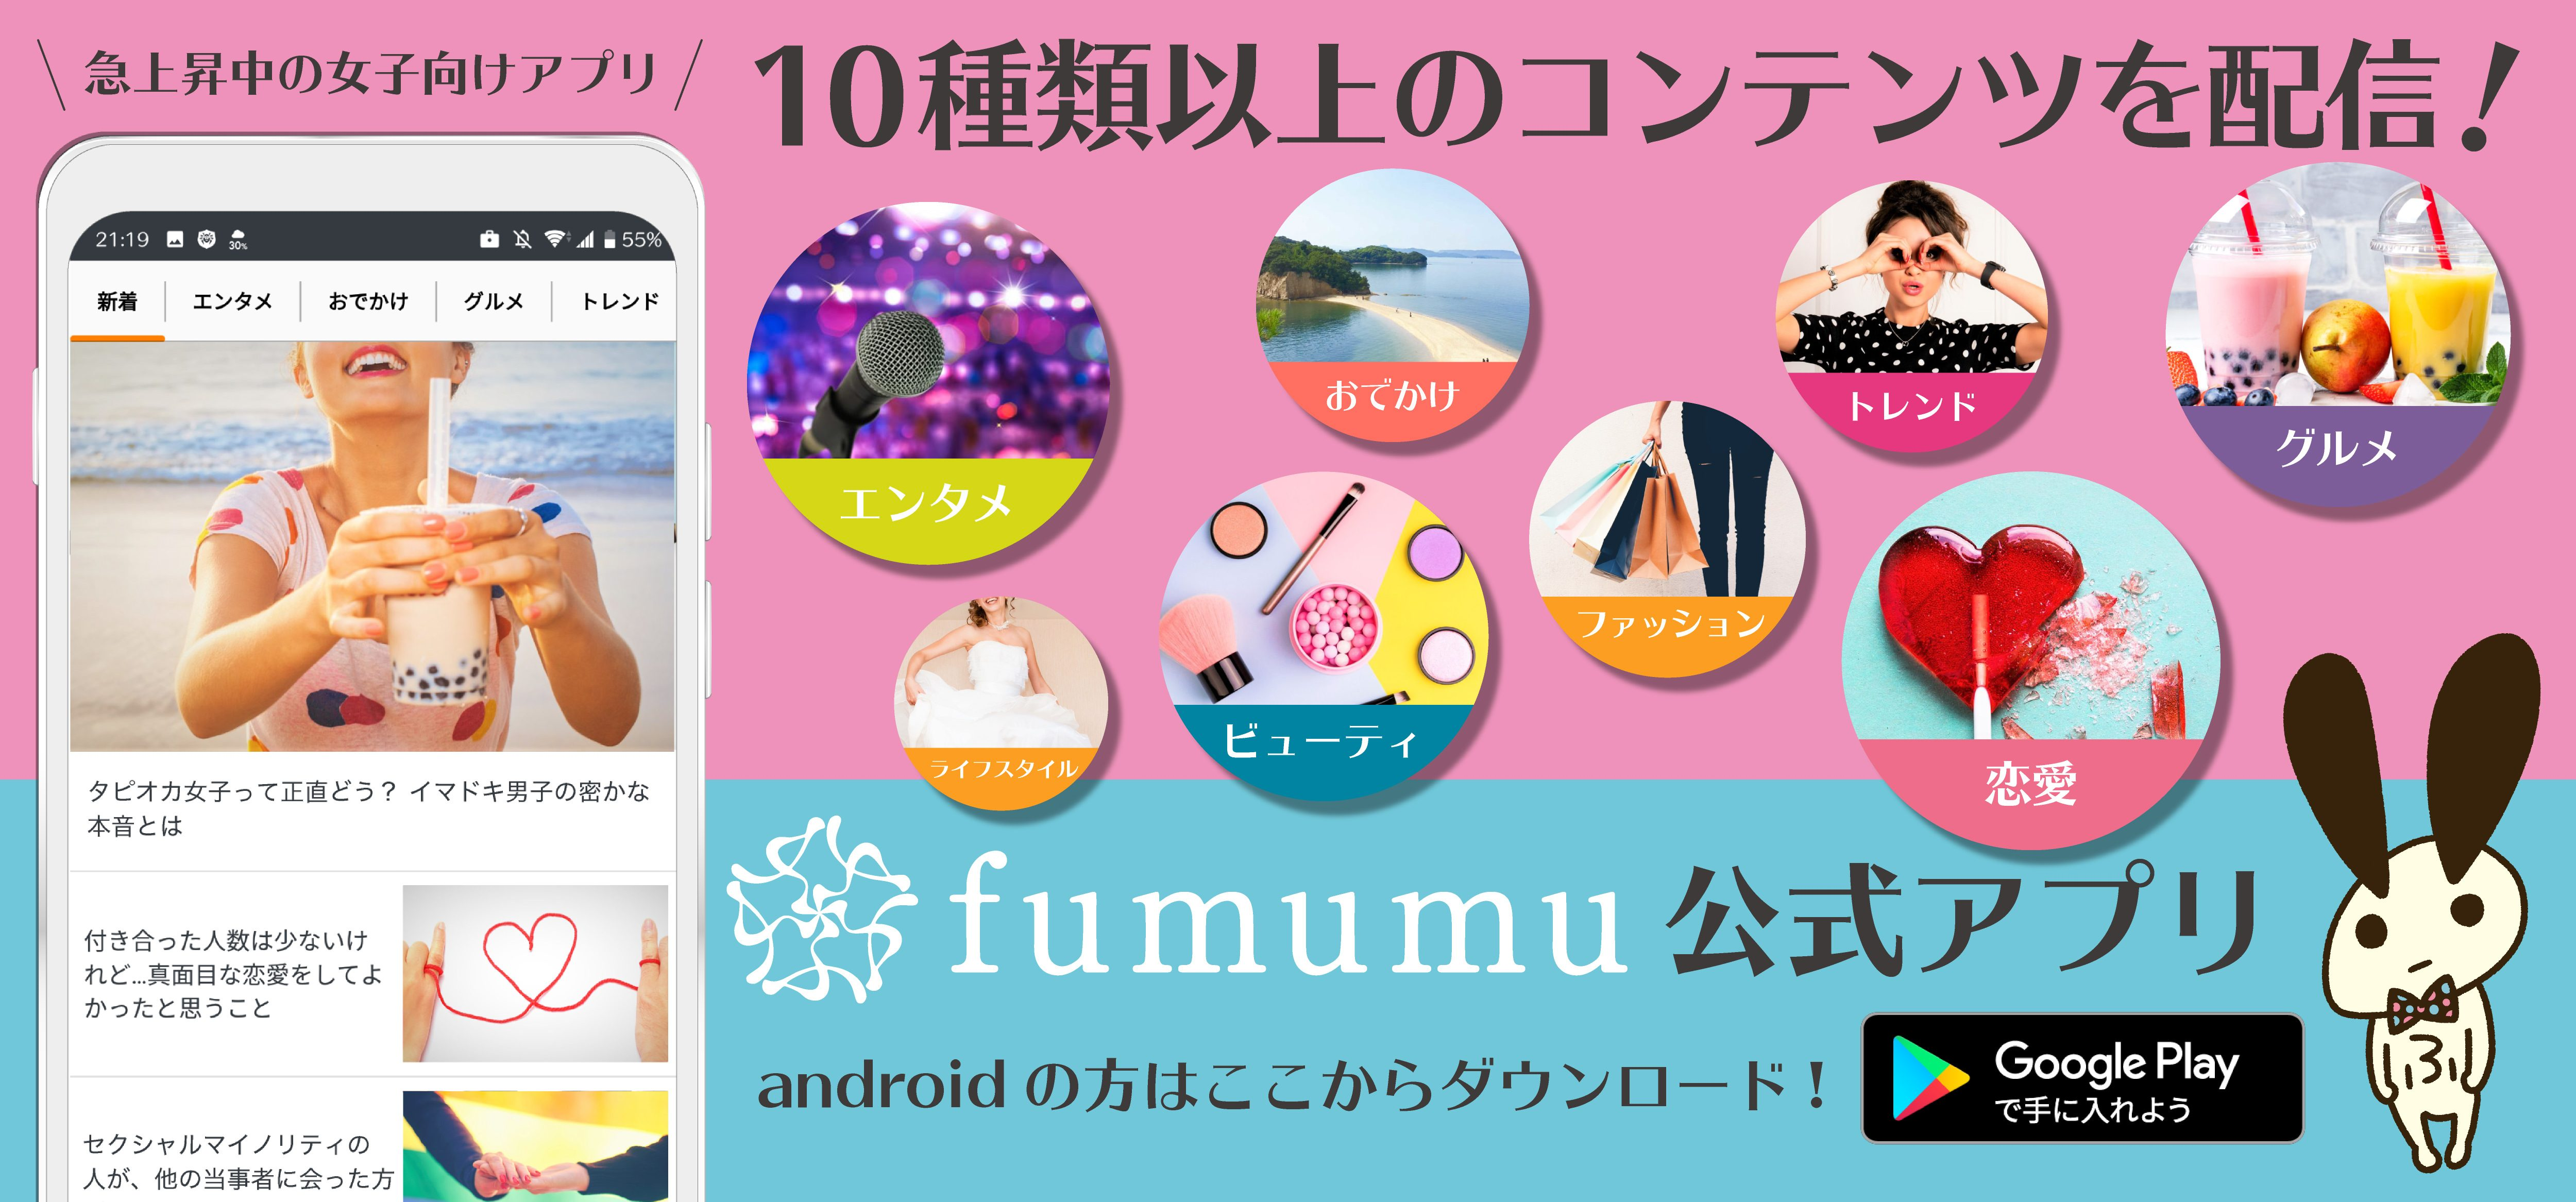 fumumuアプリ